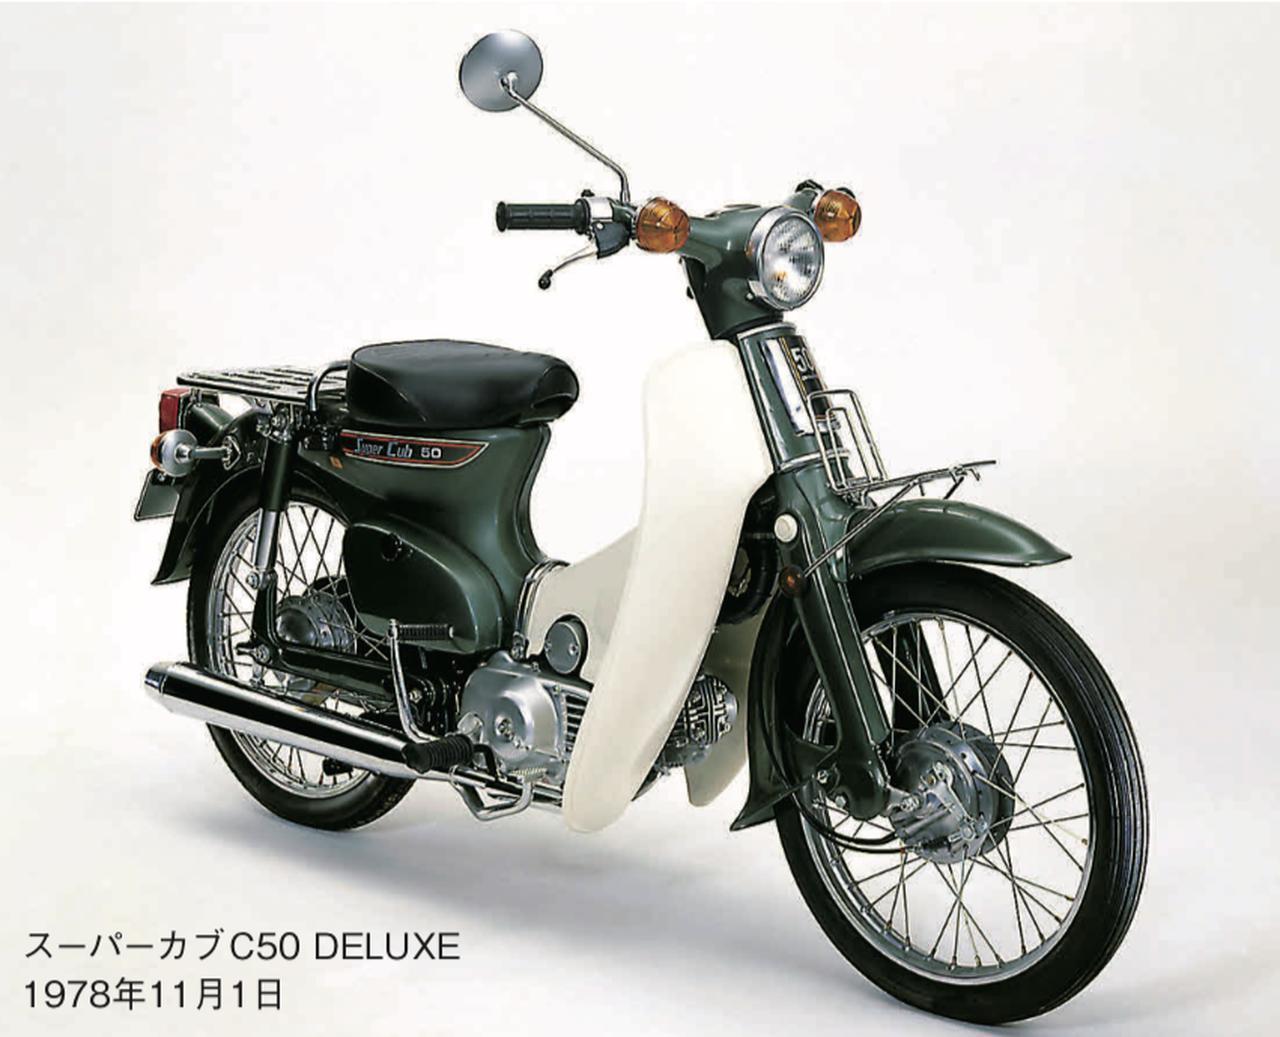 画像: ずーっと「カブ」!名前は変わらない。しかし進化は止まらない!【歴代カブの時代を振り返ろう】 - A Little Honda | ア・リトル・ホンダ(リトホン)